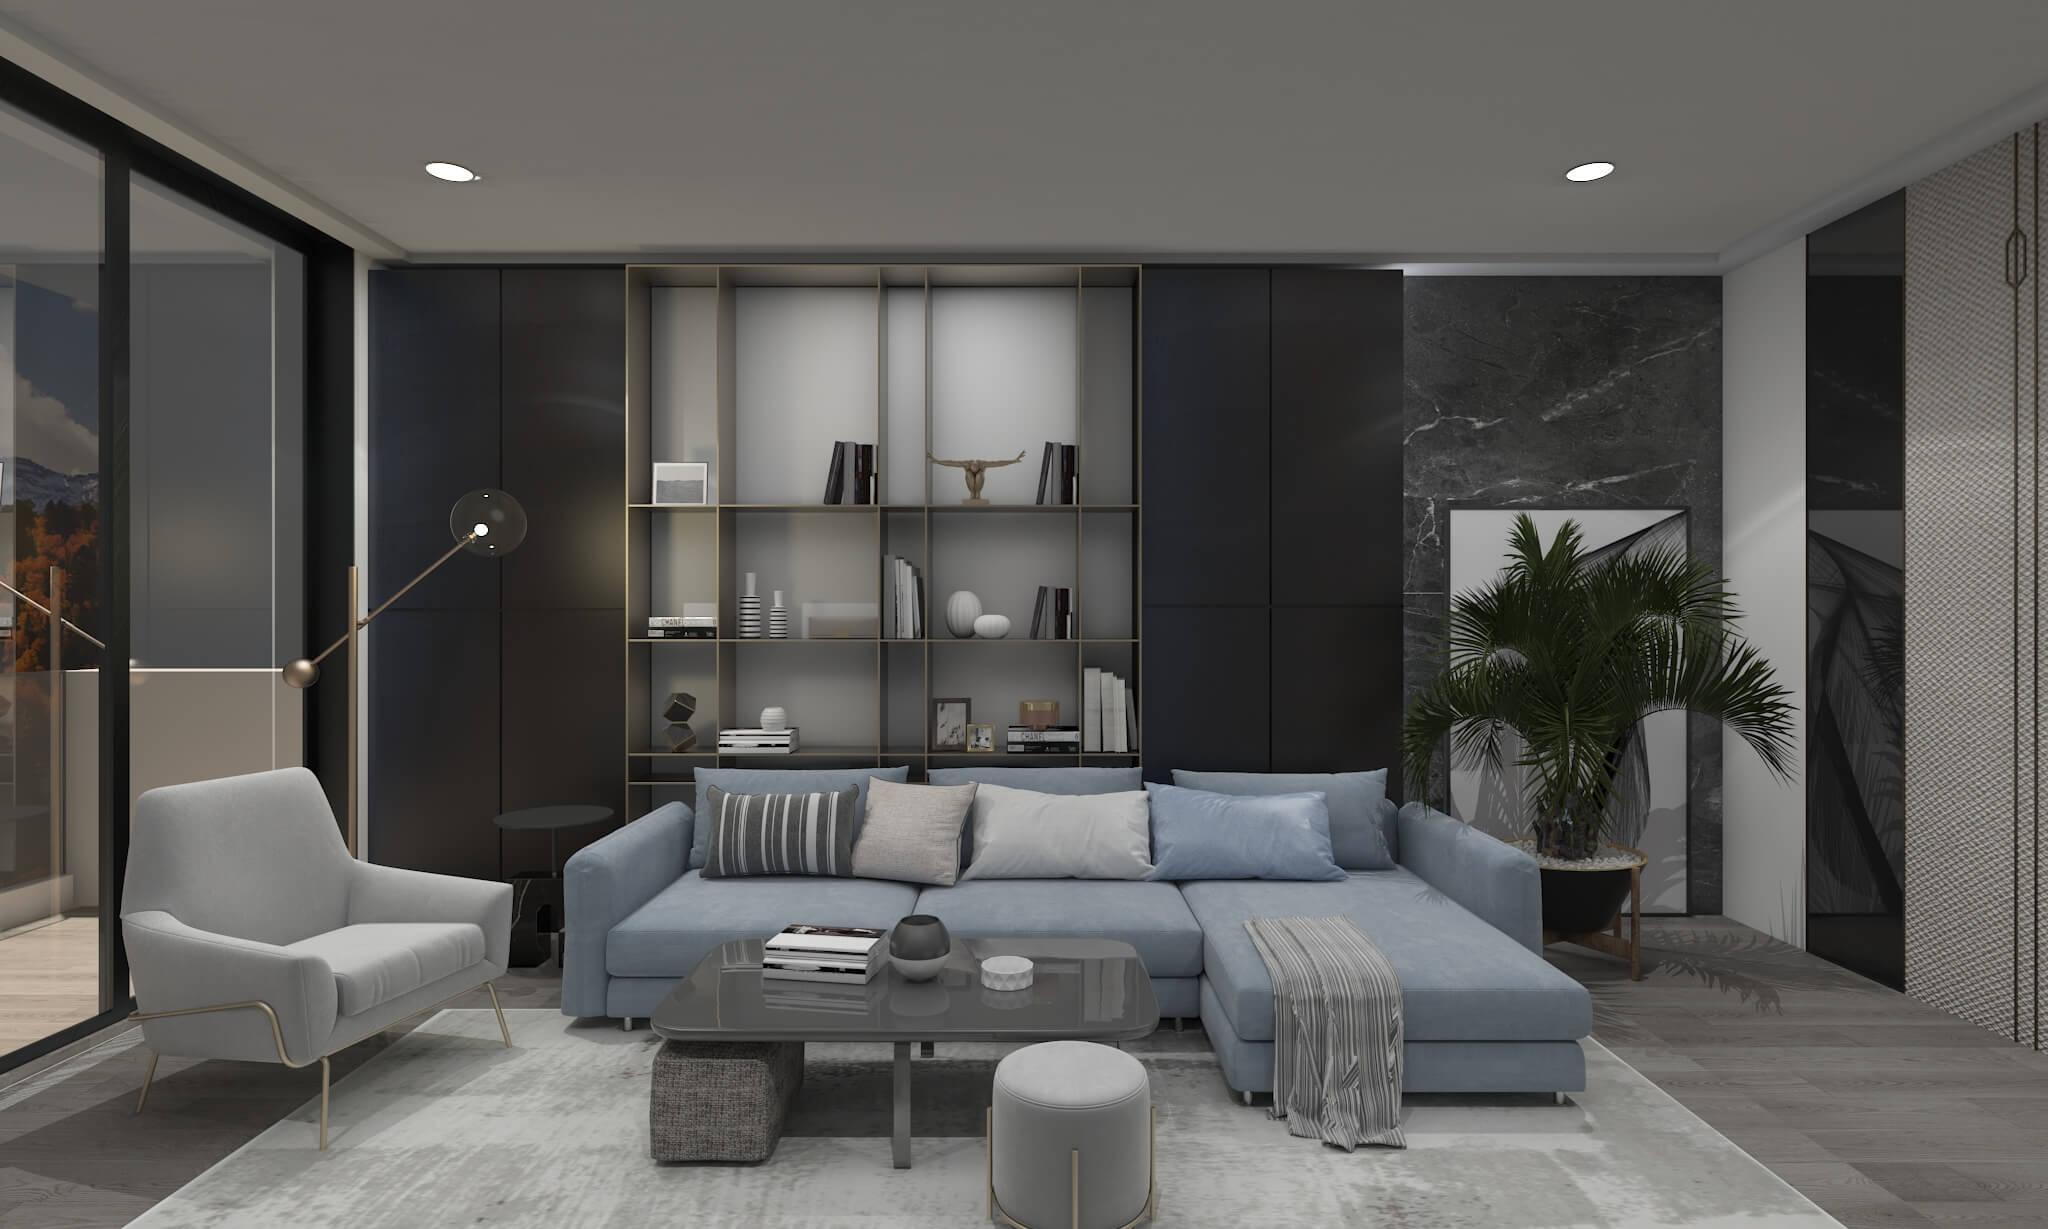 contemporary interior design - multi functional furniture